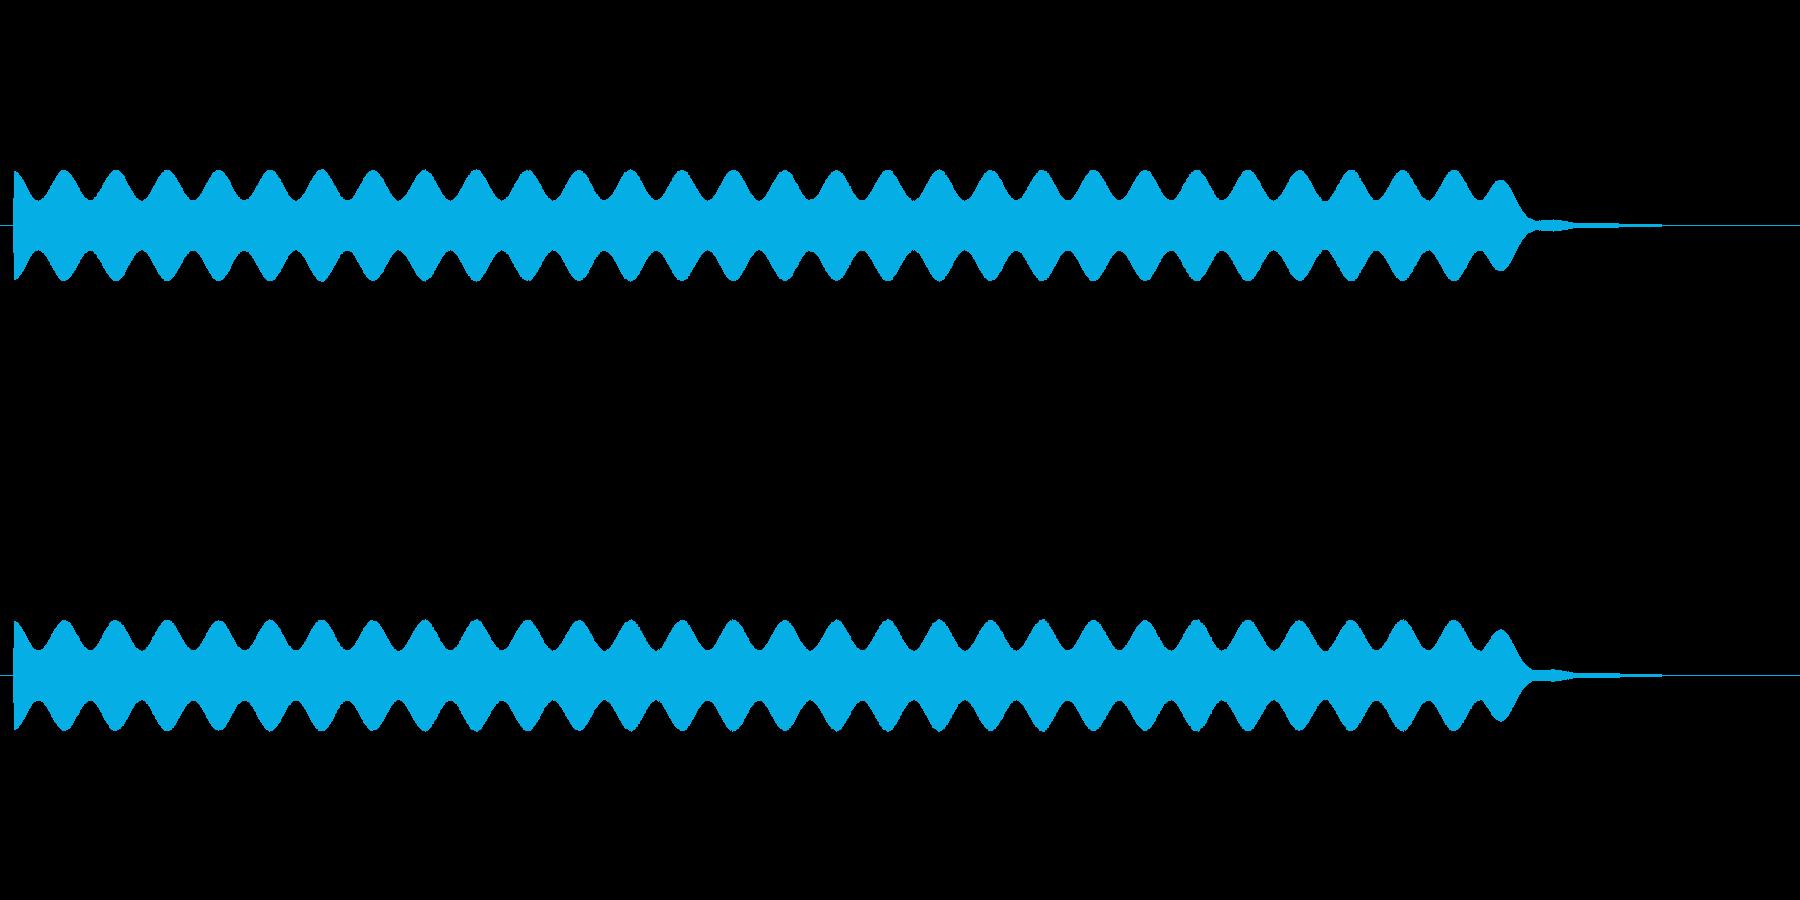 【場面効果音17-3】の再生済みの波形